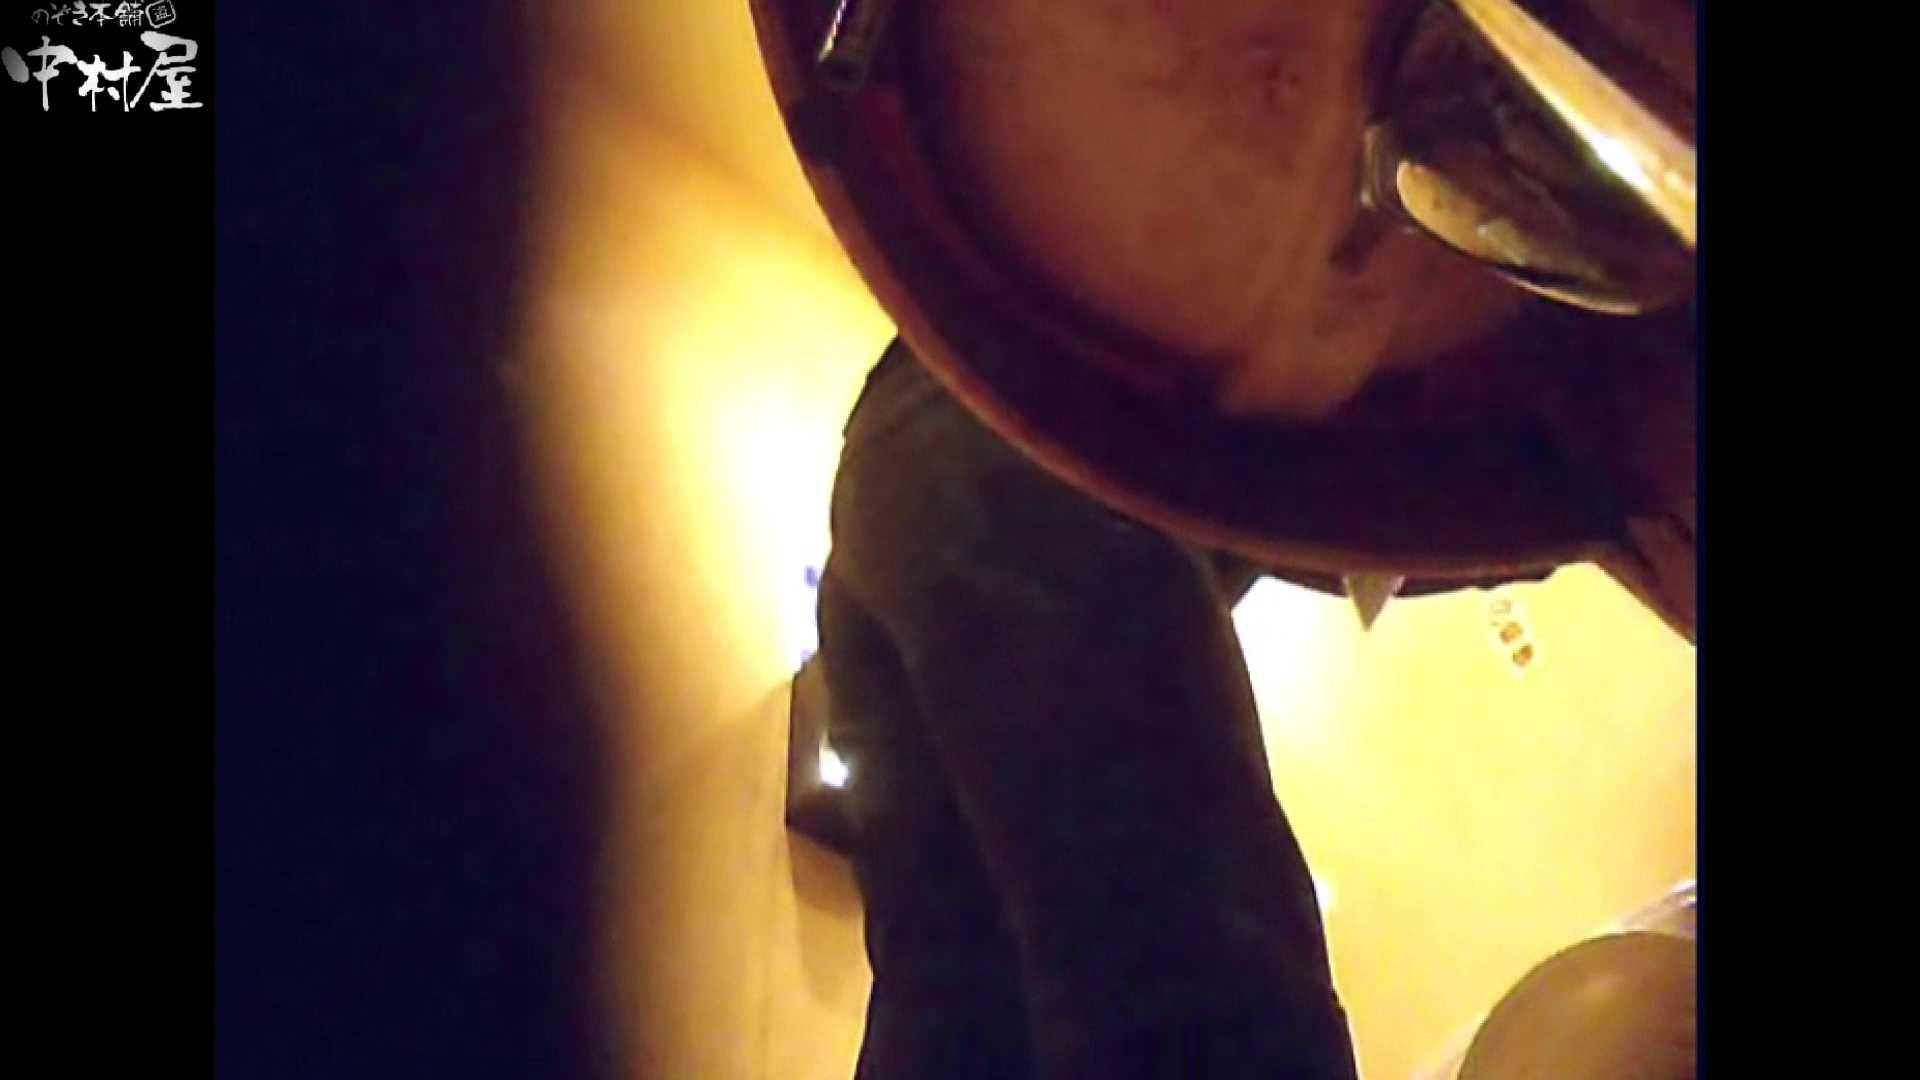 突撃!女子化粧室の真実vol.43前編 OLエロ画像 盗撮アダルト動画キャプチャ 88PICs 62